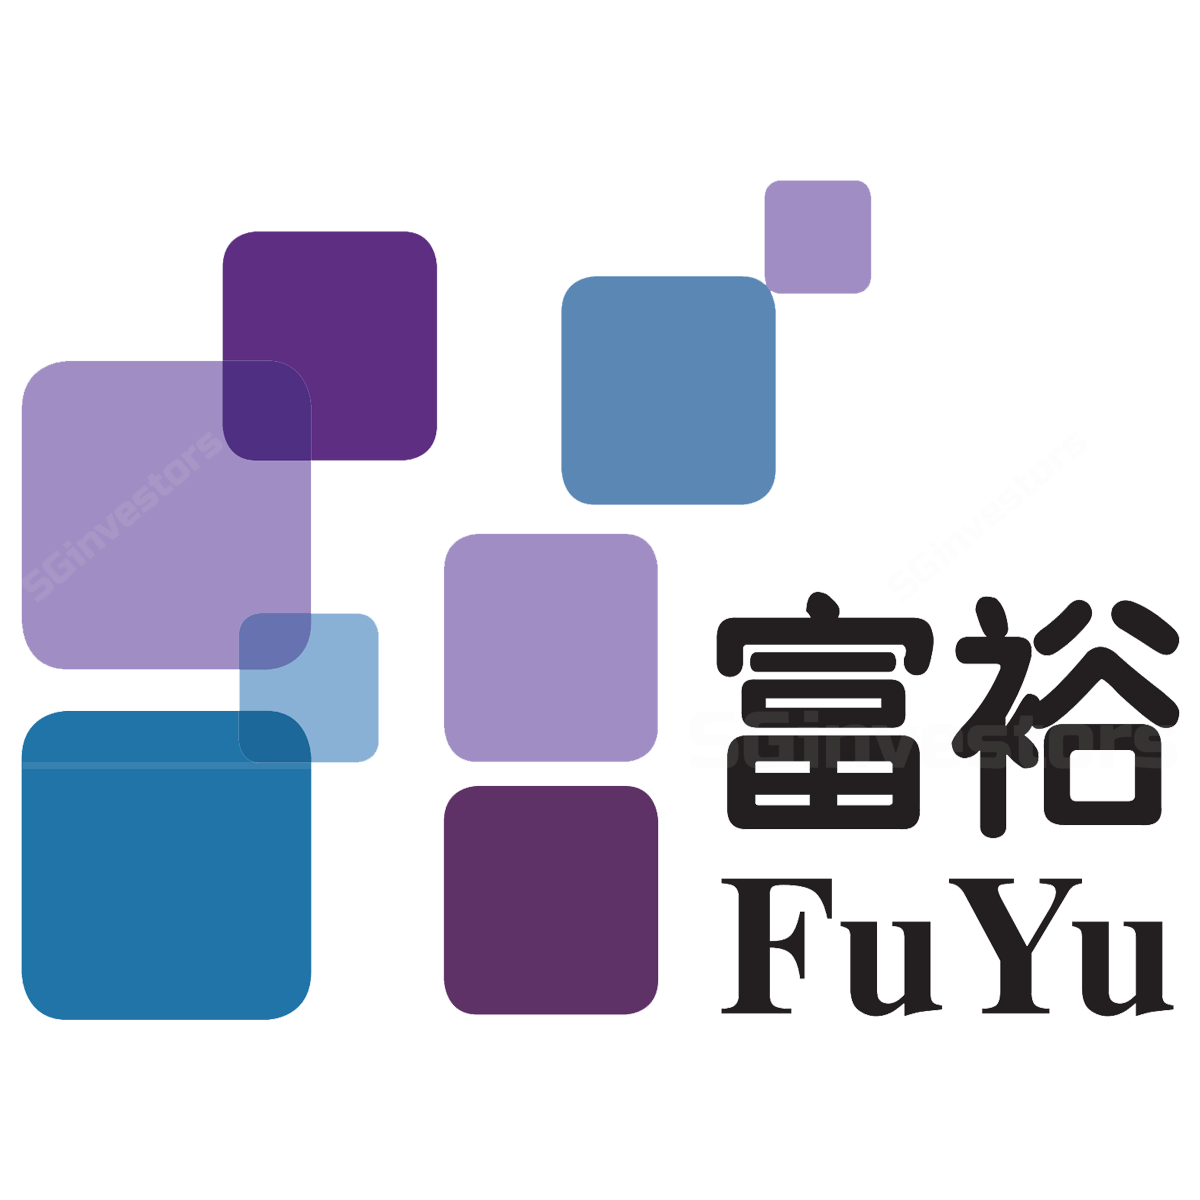 FU YU CORPORATION LTD (SGX:F13) @ SGinvestors.io